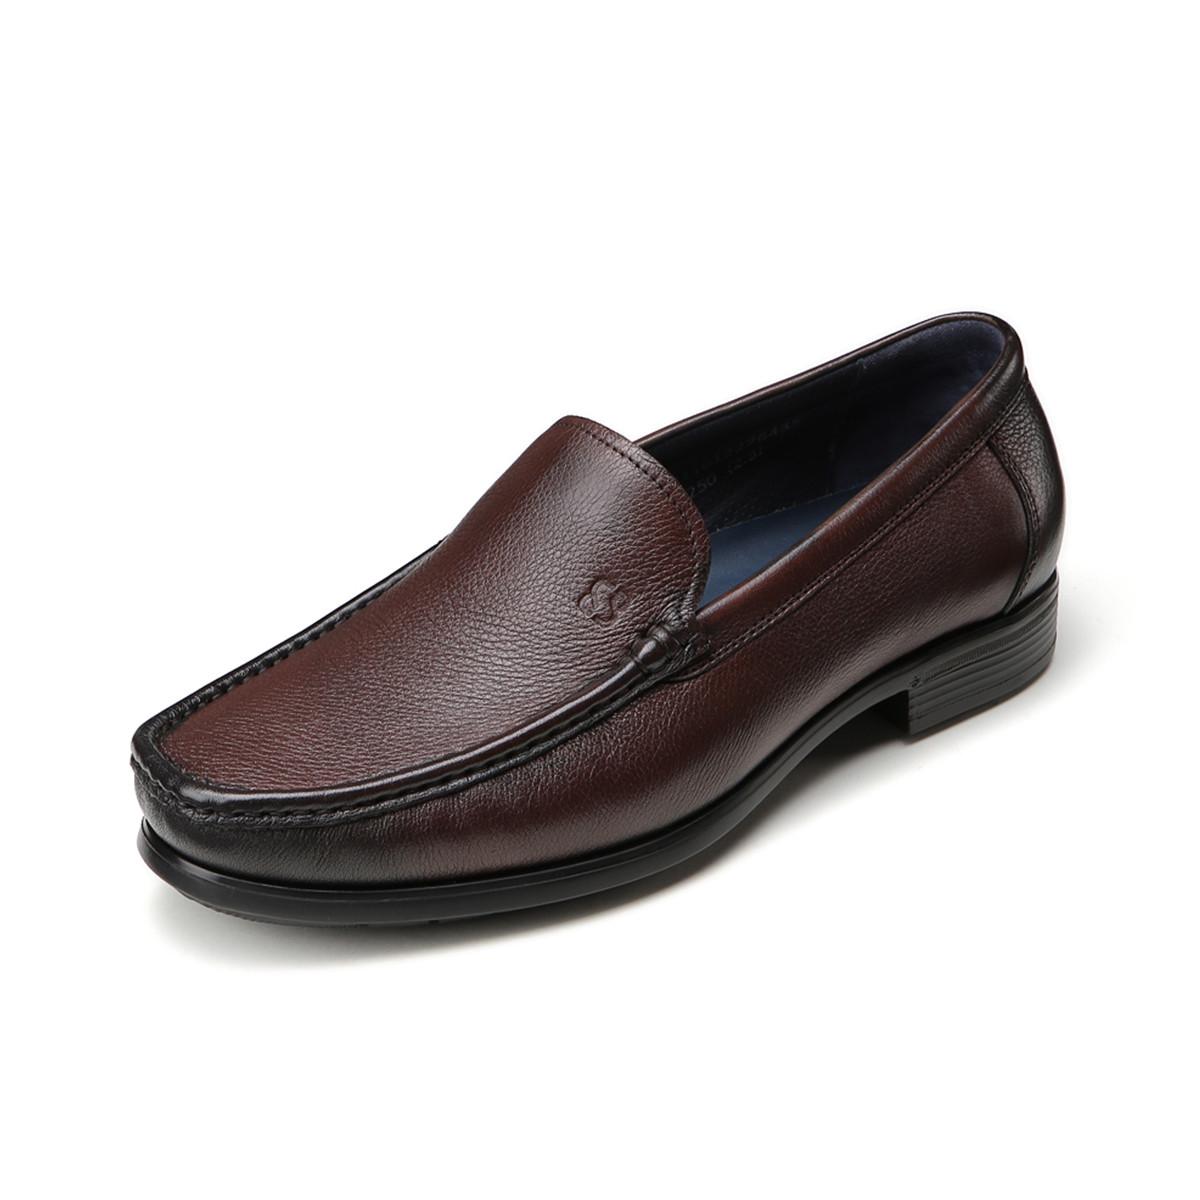 BOSSSUNWEN牛皮超轻一脚蹬男款男士商务皮鞋男皮鞋男鞋31811012276435